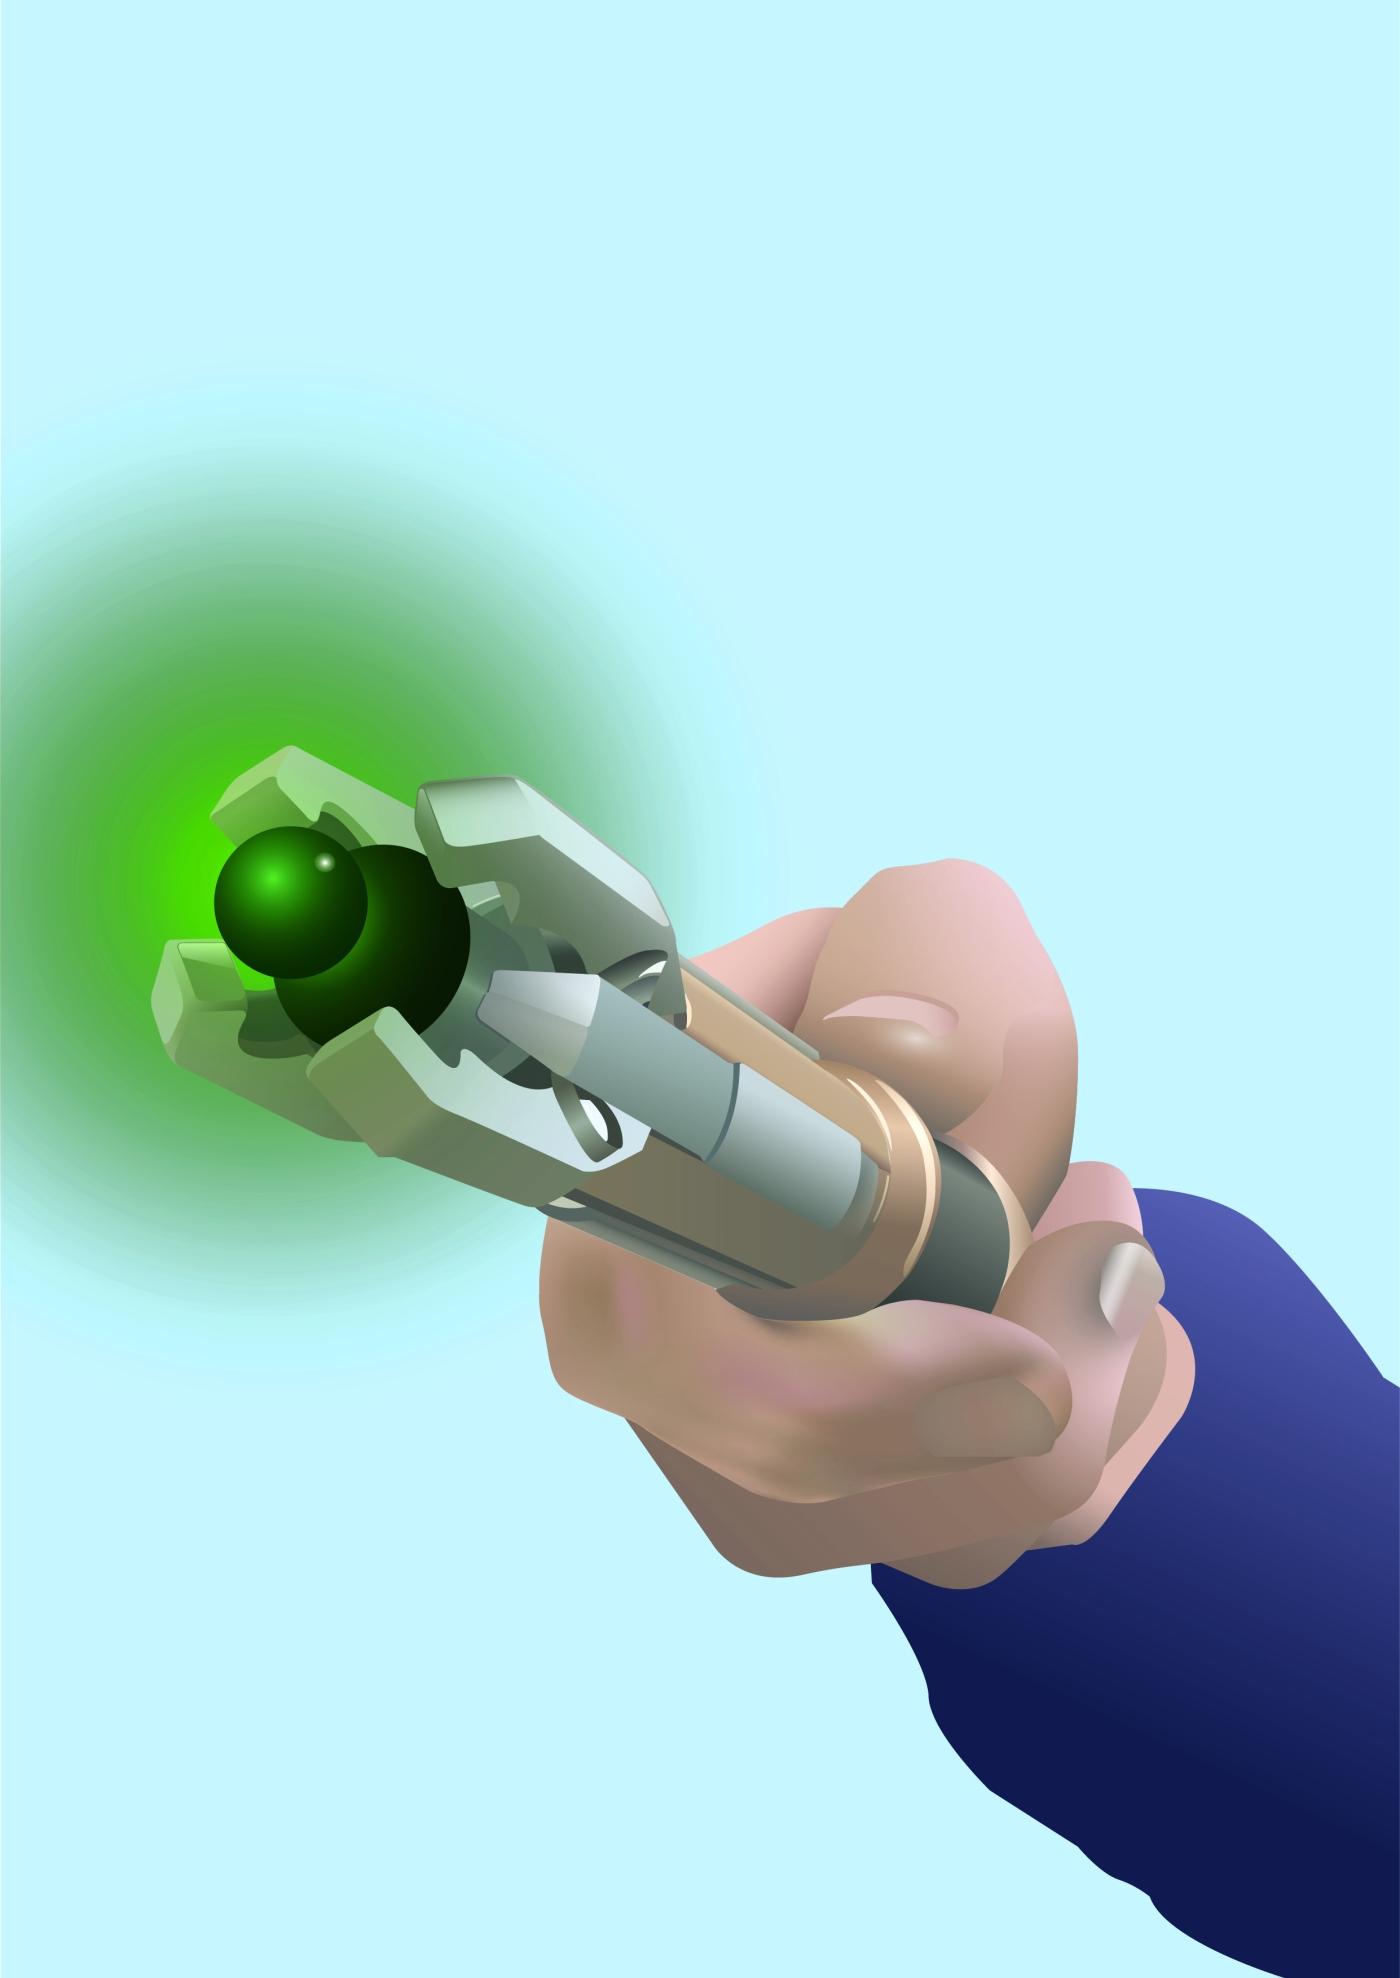 screwdriver 2